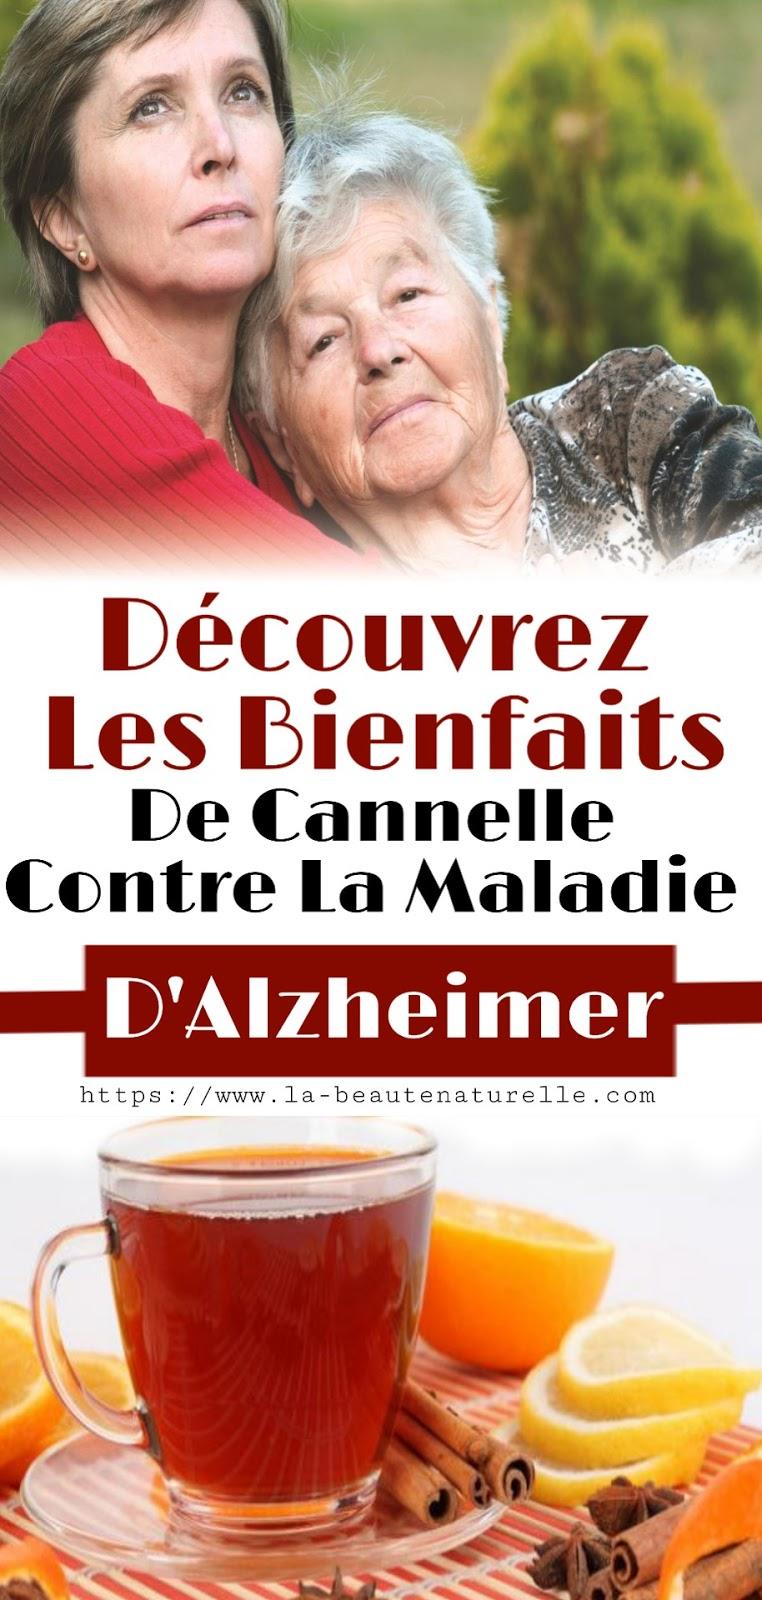 Découvrez Les Bienfaits De Cannelle Contre La Maladie D'Alzheimer